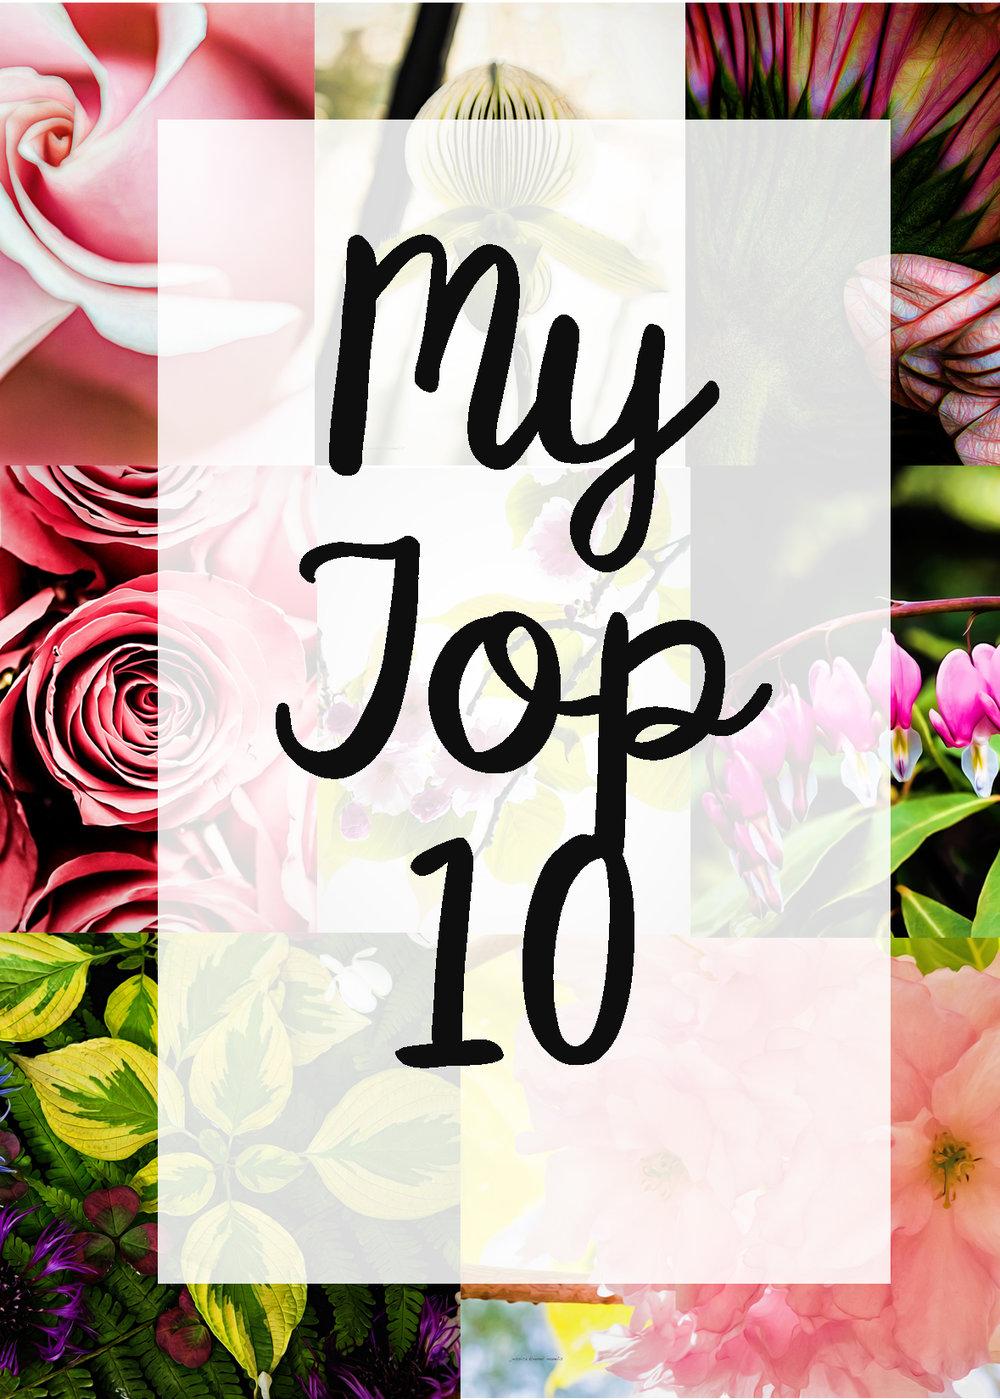 My top 10.jpg